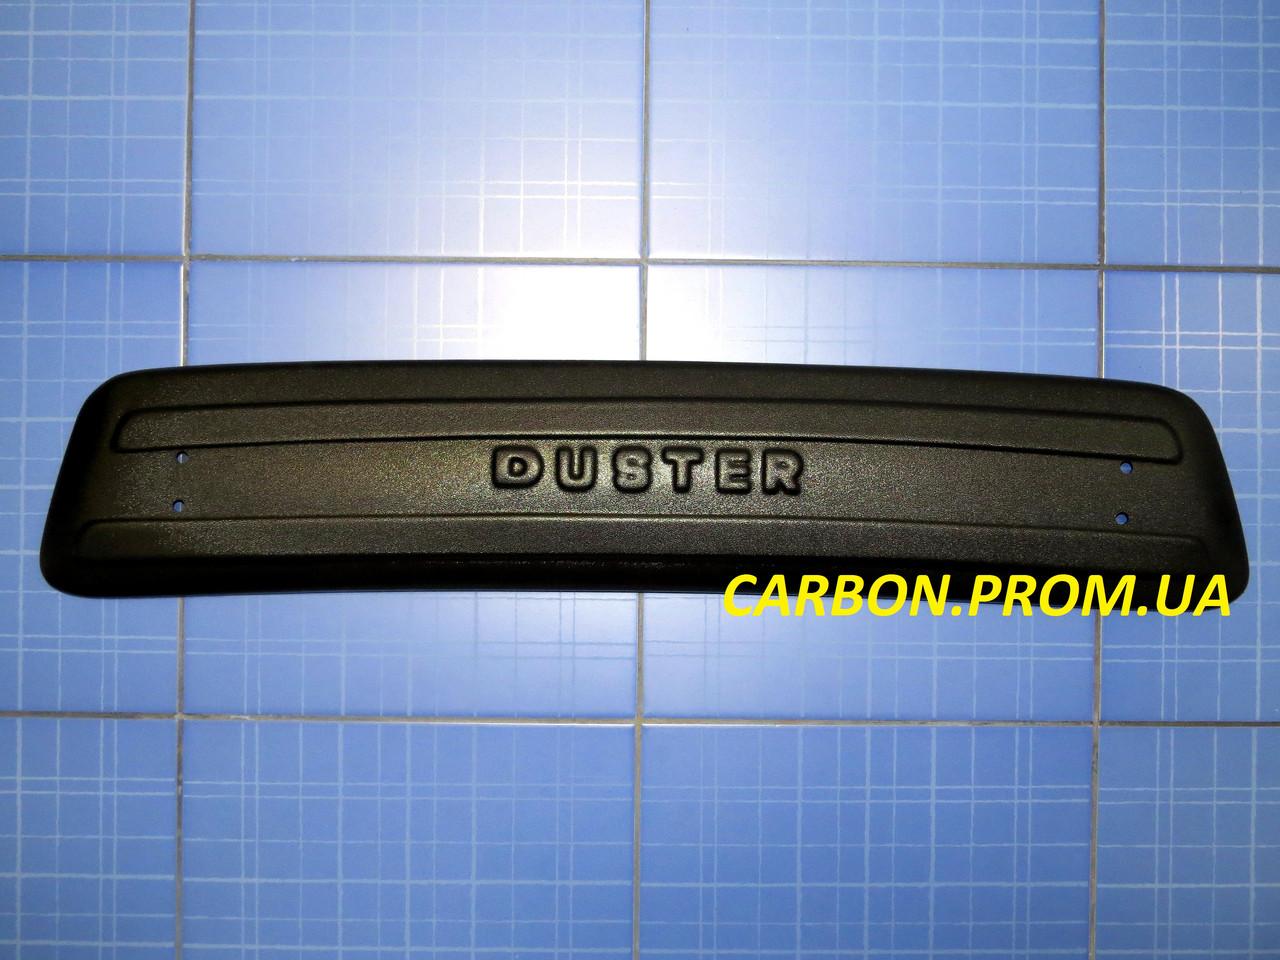 Зимняя заглушка решётки радиатора Рено Дастер  низ с 2010 матовая Fly. Утеплитель решётки Renault Duster